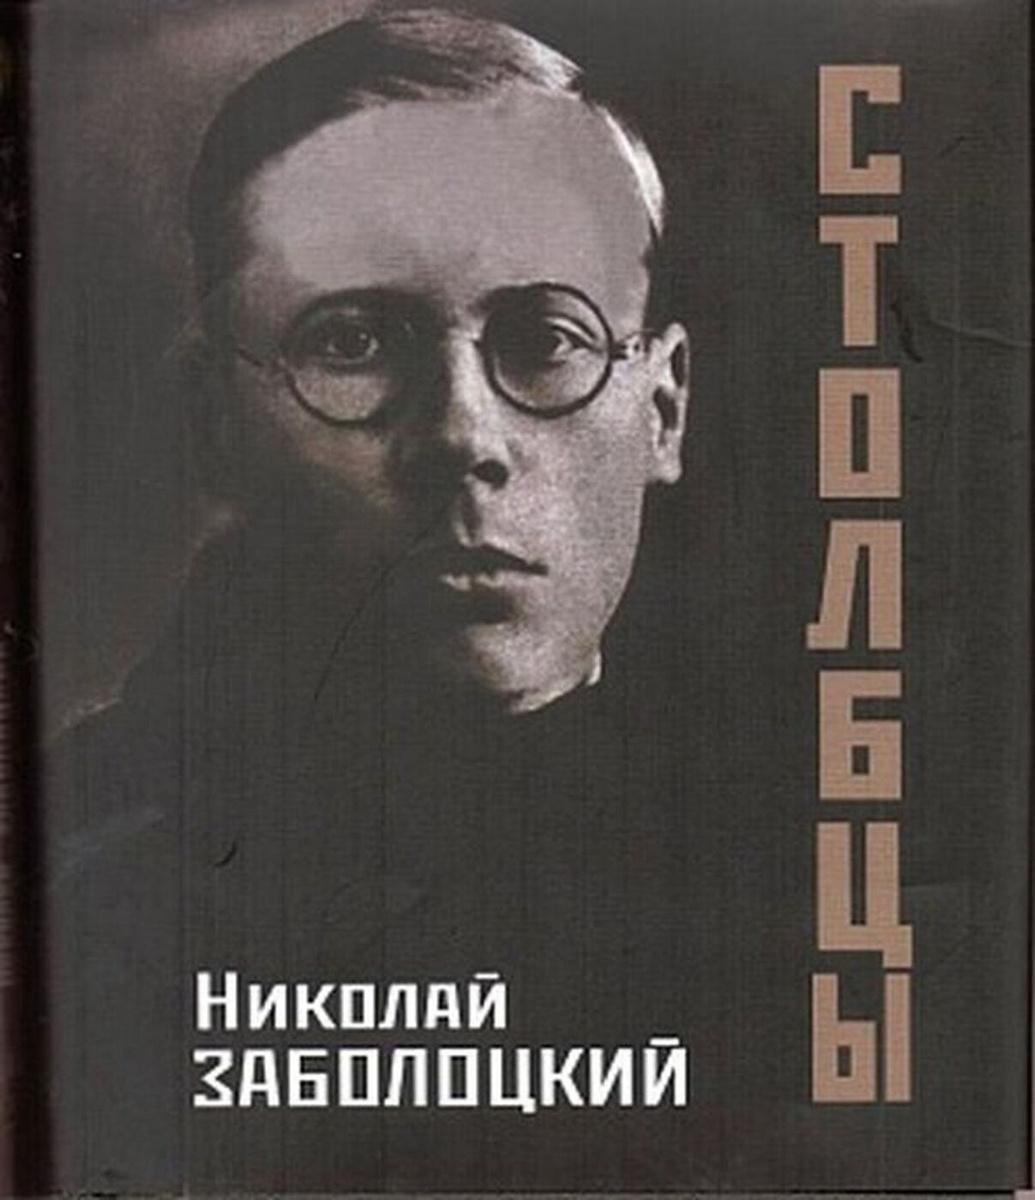 Столбцы  | Заболоцкий Николай Алексеевич #1